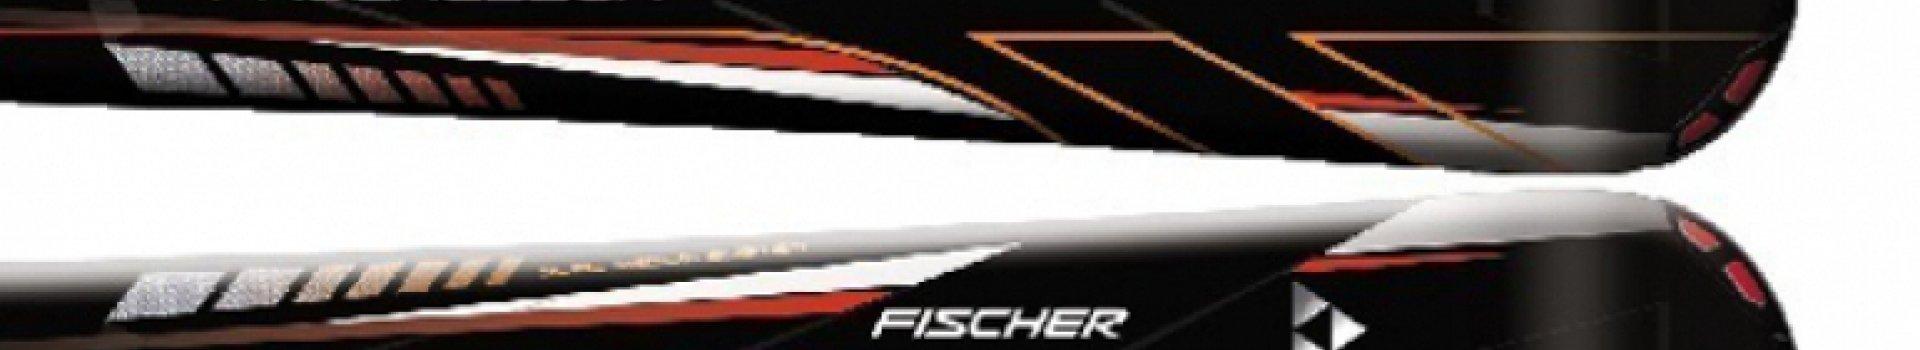 Dwa promienie skrętu: Fischer Progressor 800